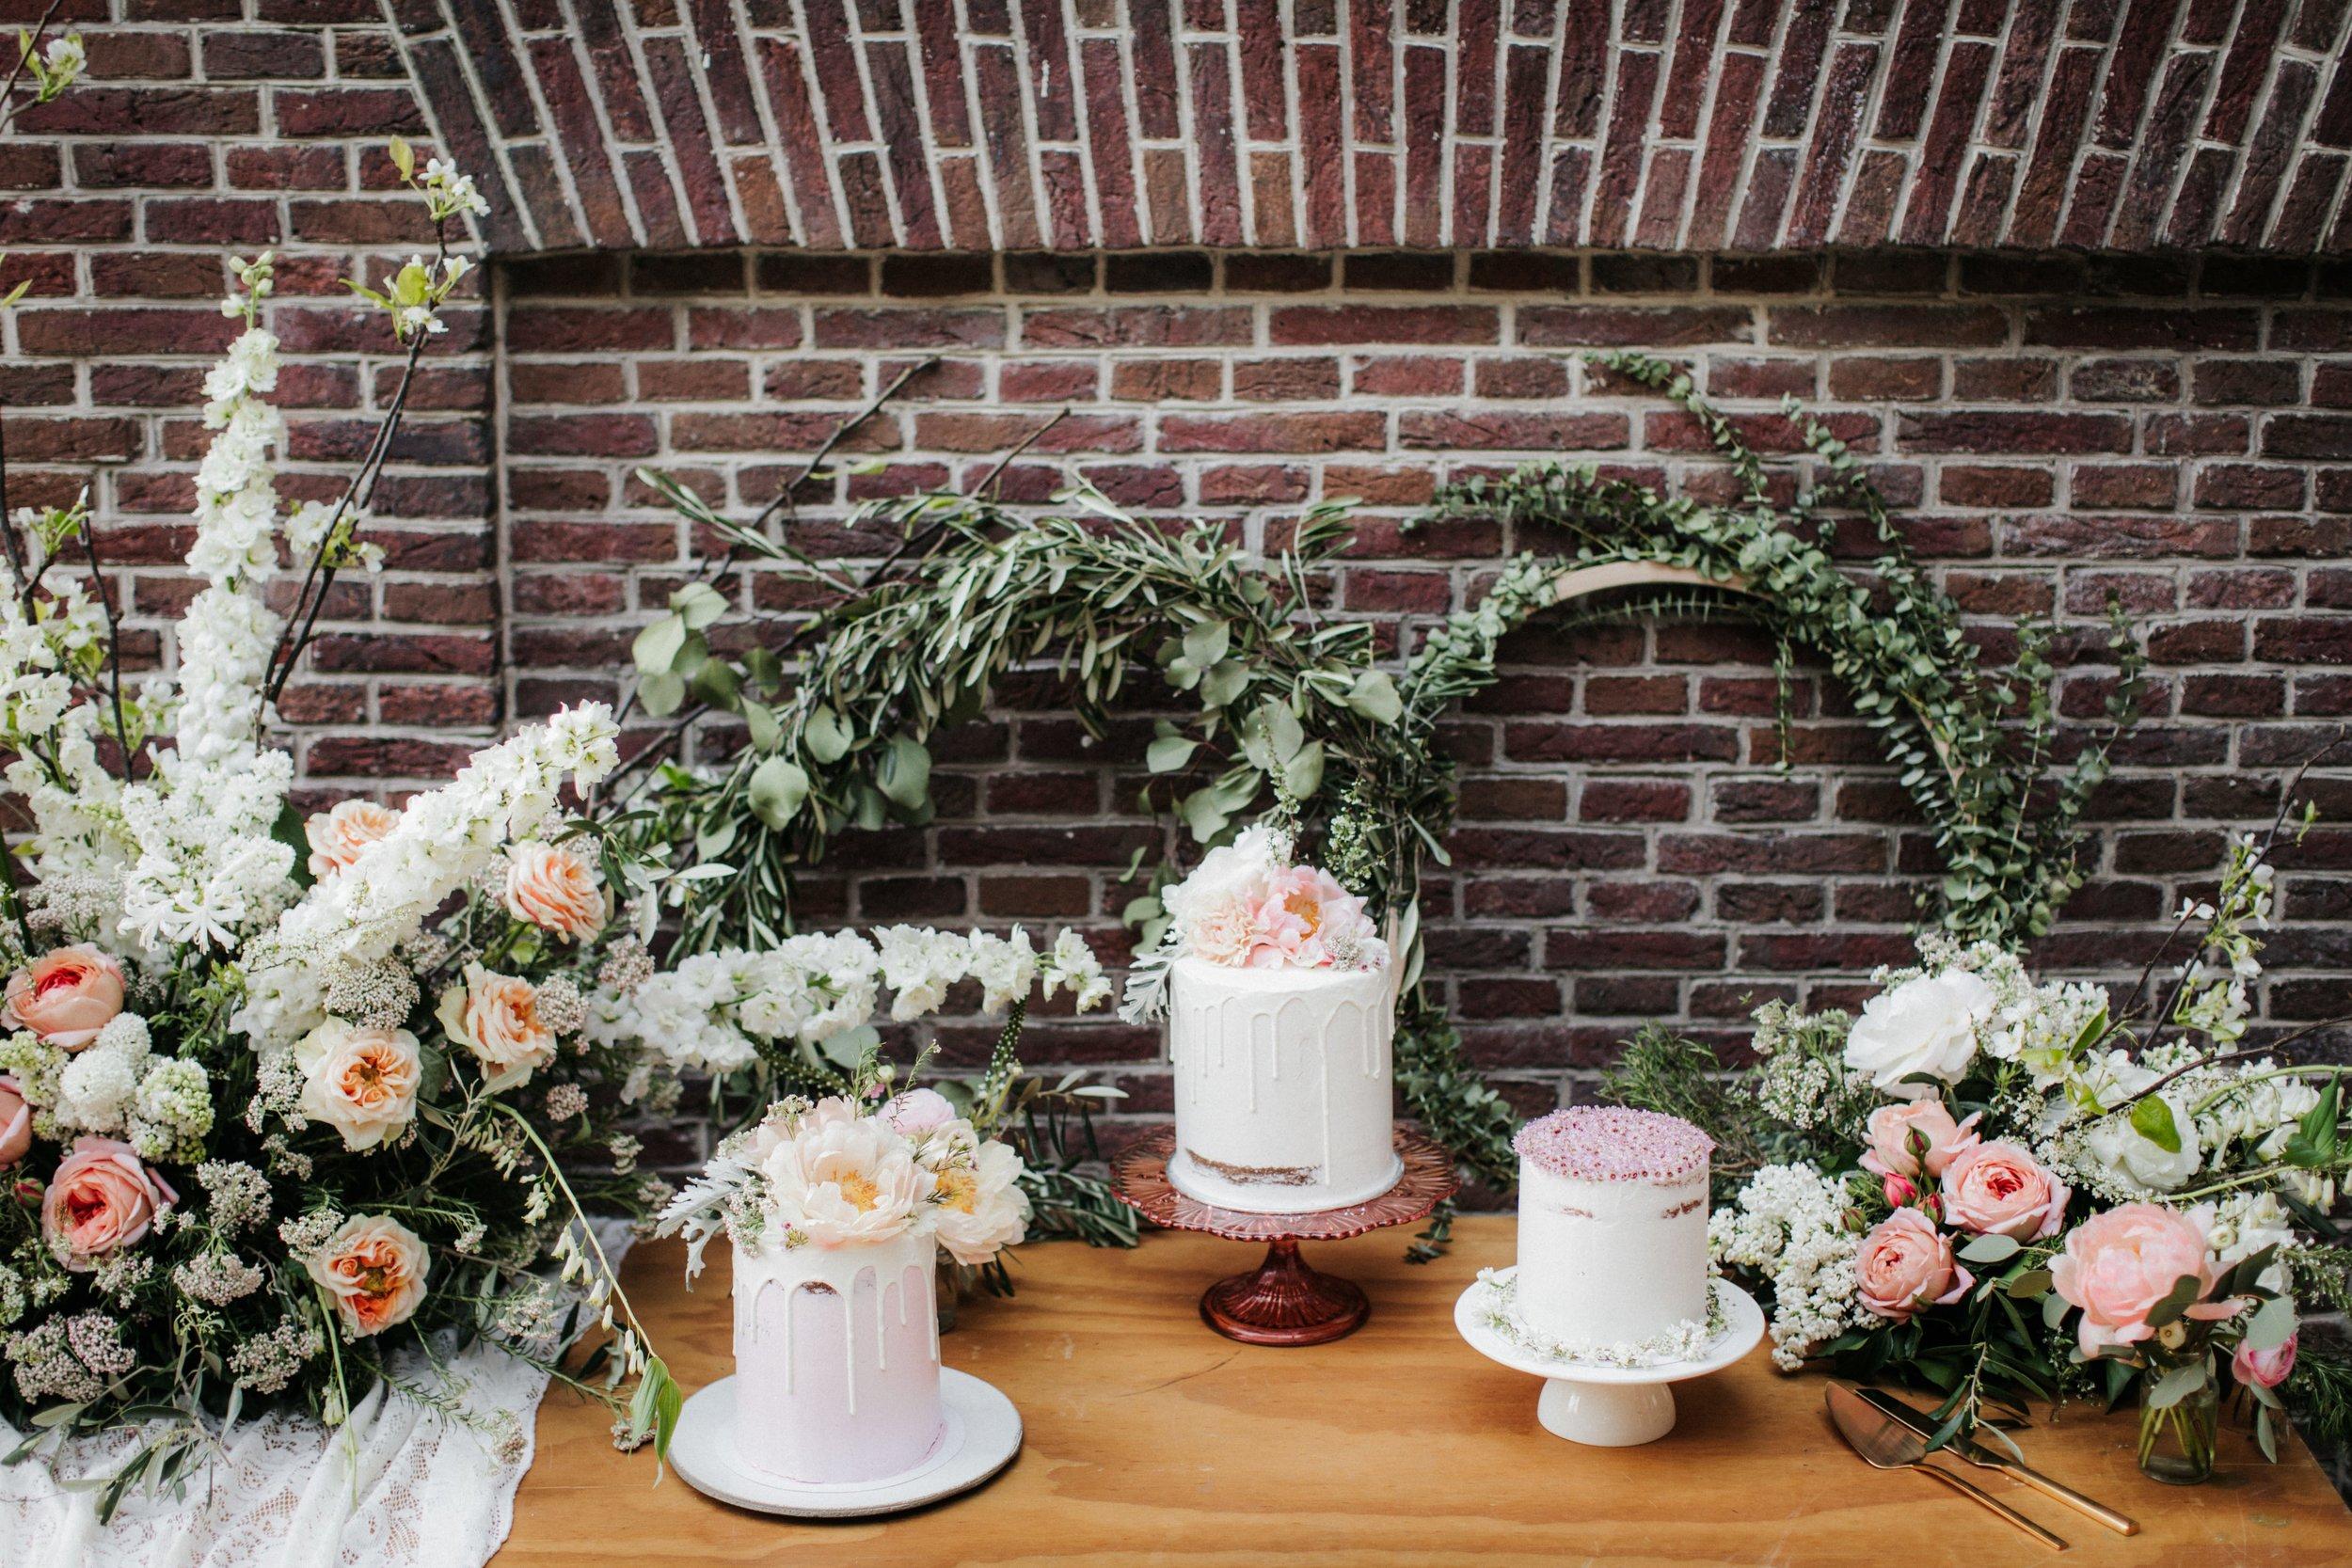 #apbloem #florist #kerkstraat #amsterdam #flowers #bloemen #bloemist #flowers #bouquet #boeket #arrangement #photoshoot #peony #bruiloft #trouwen #bloemenbezorgen #wedding #love #liefde #event #evenement #garden #tuin #bridalgown #blackandwhite #bruidsjurk #justmarried #bridalcouple #weddingflowers #weddingphotography #weddinginspiration #pastel #peony #peonia #pioenrozen #cake #taart